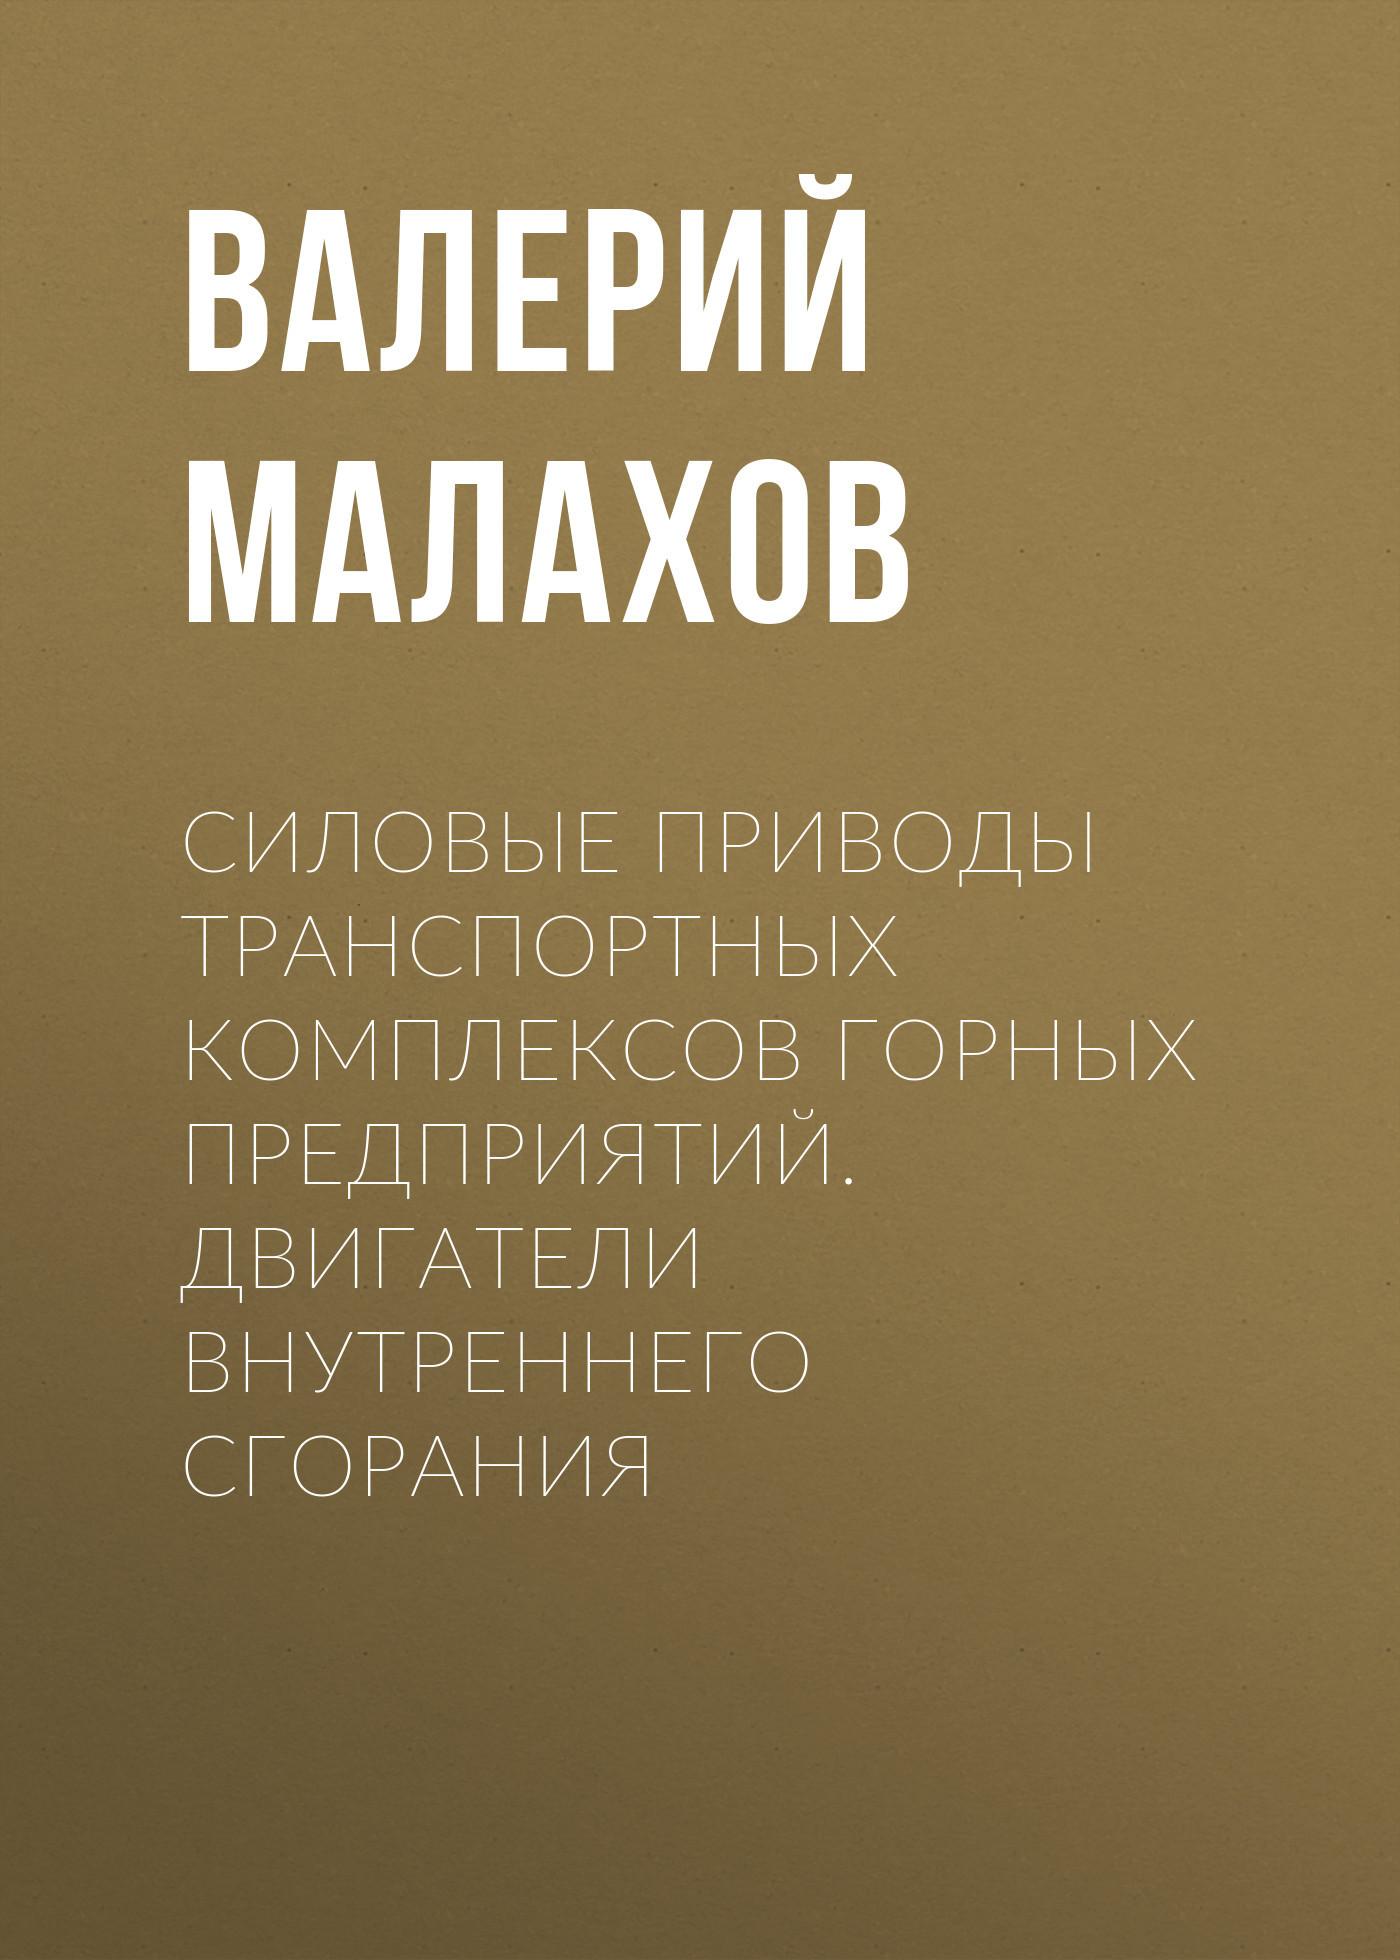 Валерий Малахов Силовые приводы транспортных комплексов горных предприятий. Двигатели внутреннего сгорания